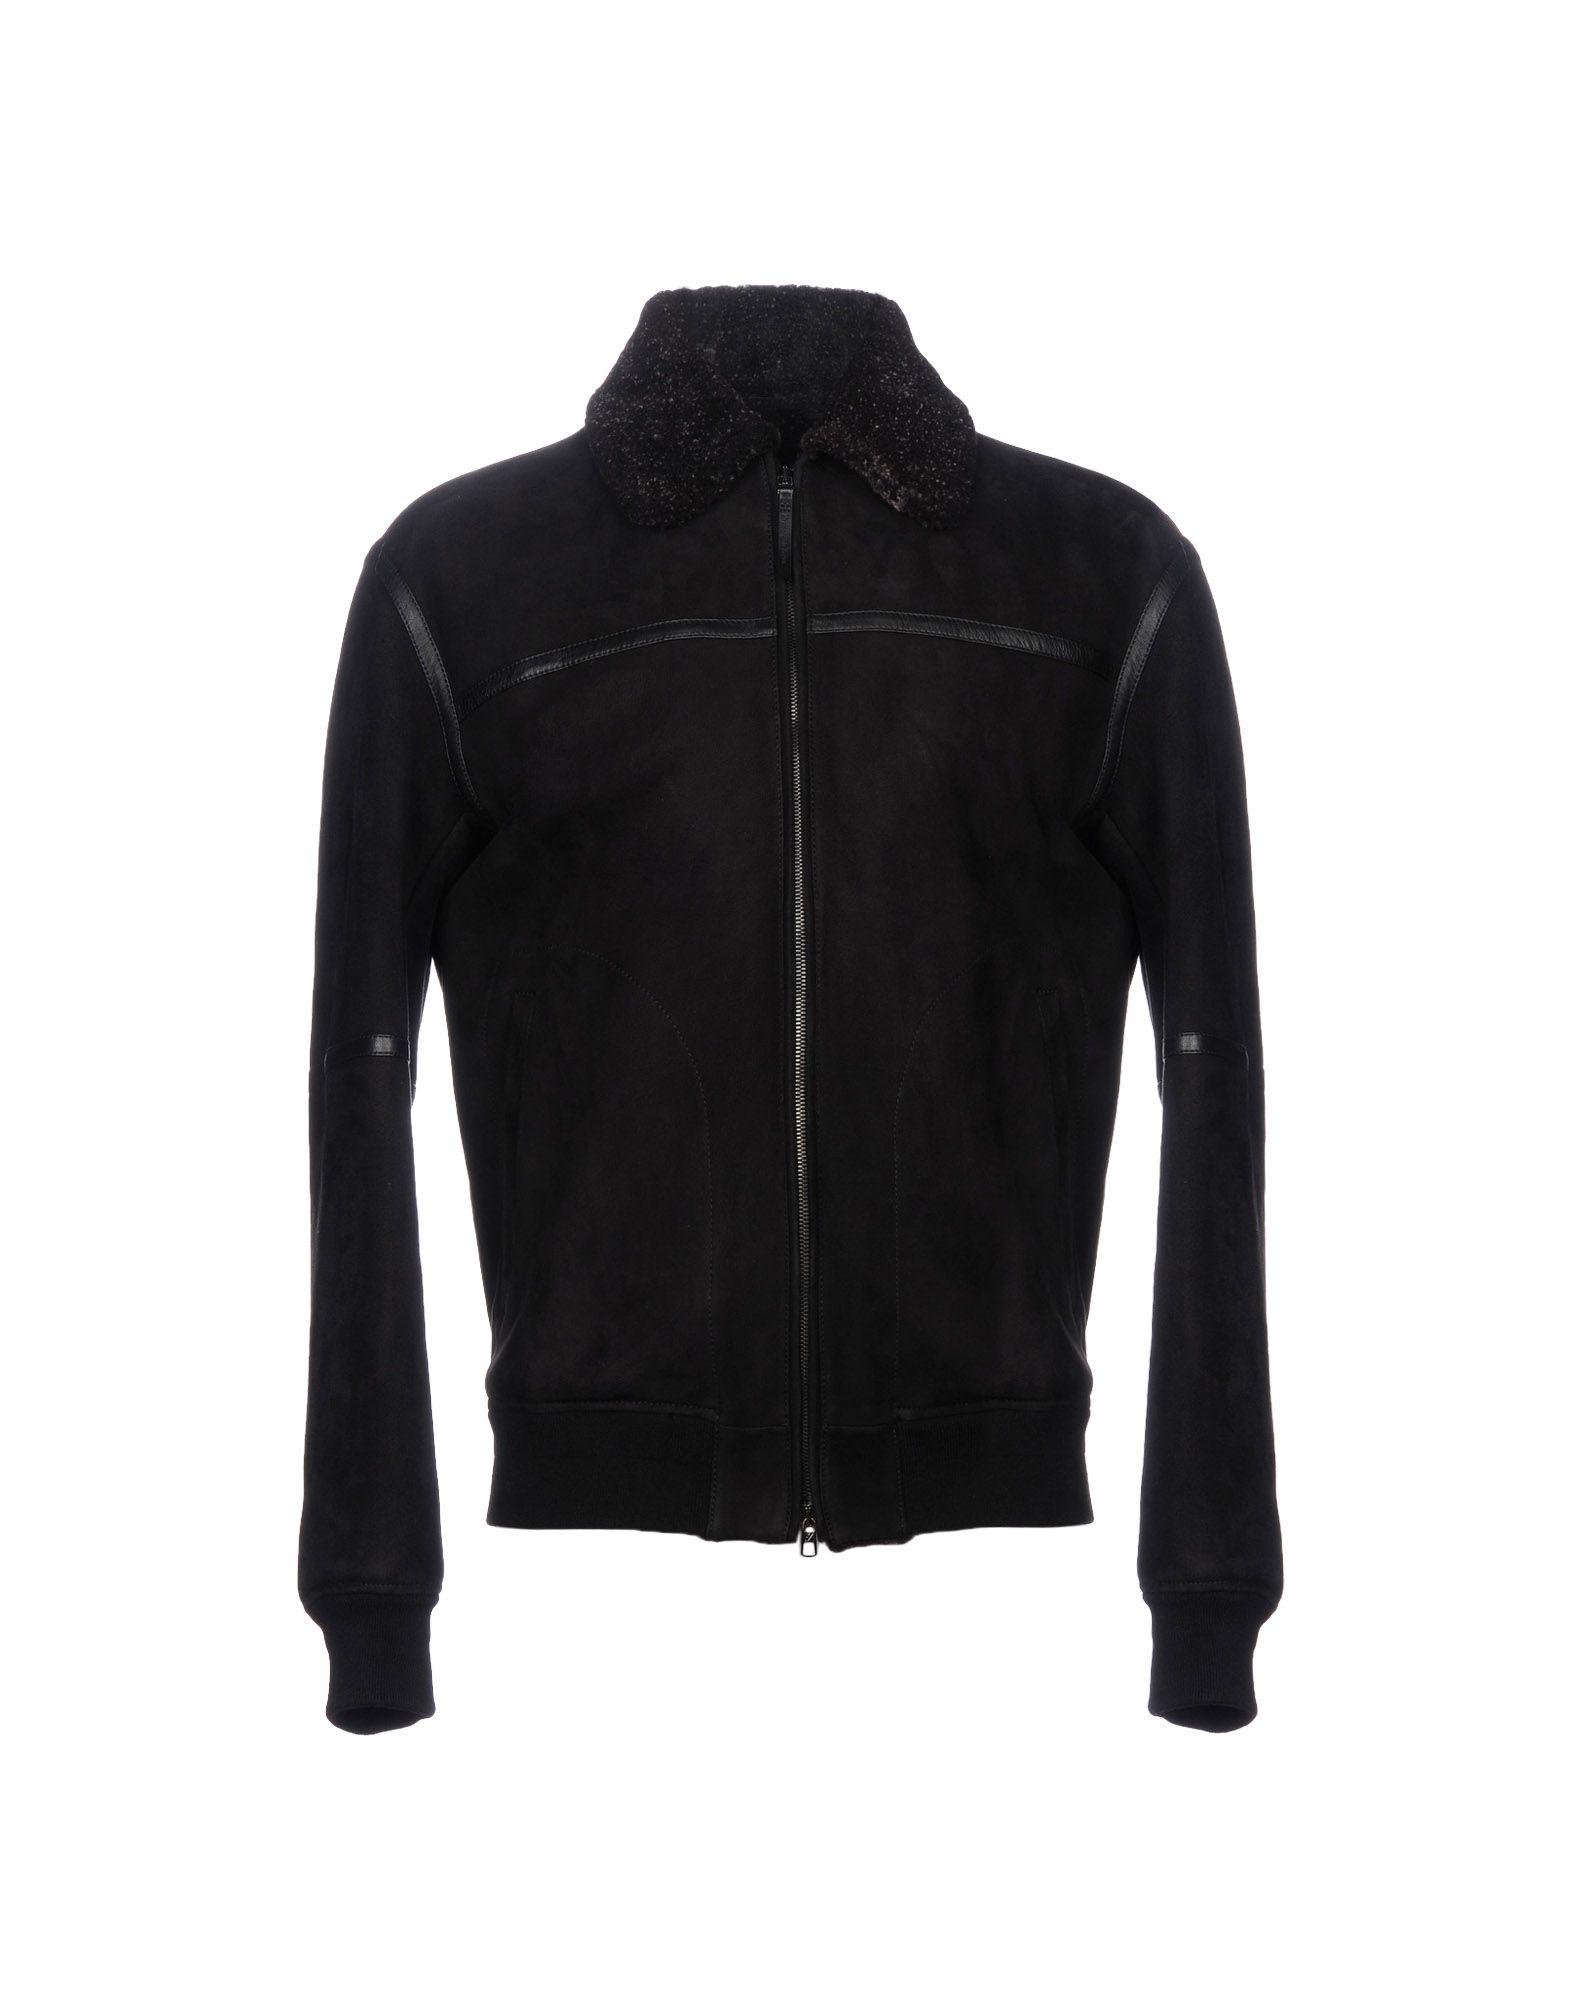 Ermenegildo Zegna Jackets In Black